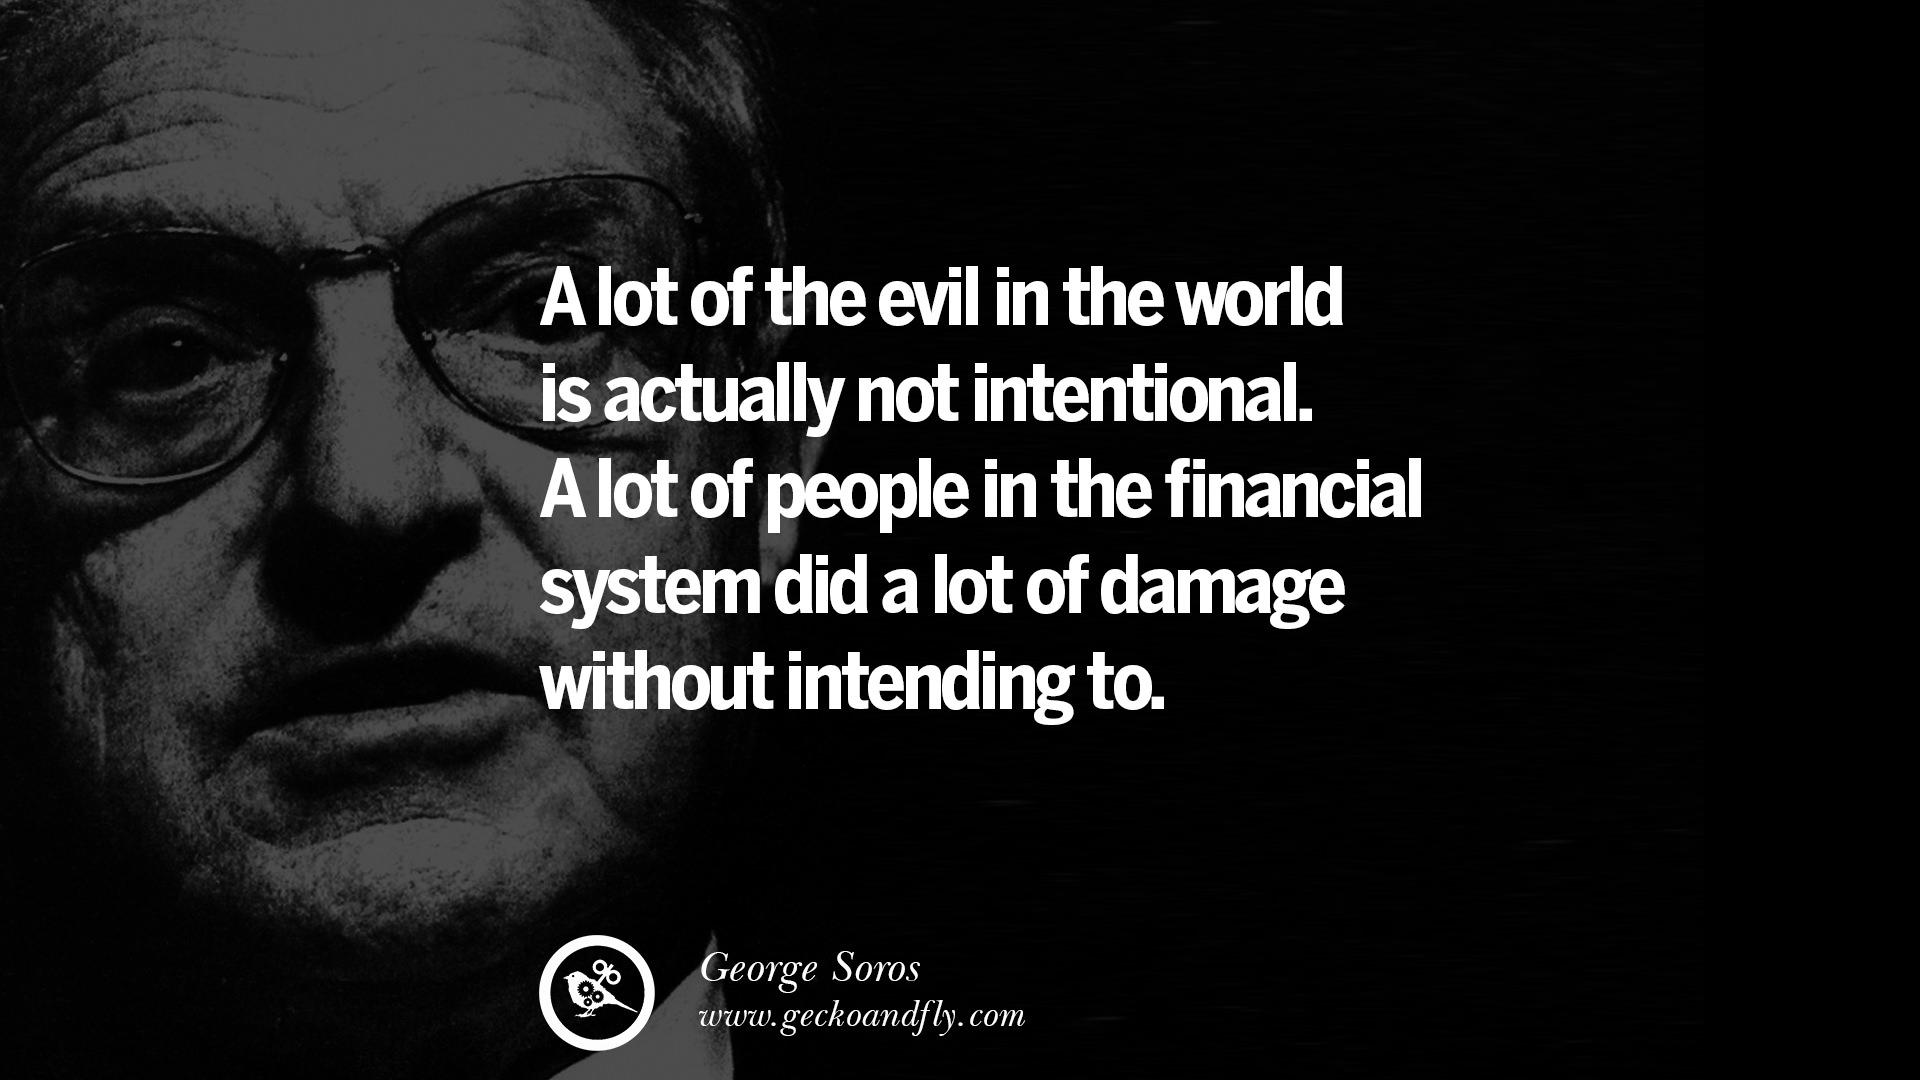 Quotes George Soros Evil Quotesgram